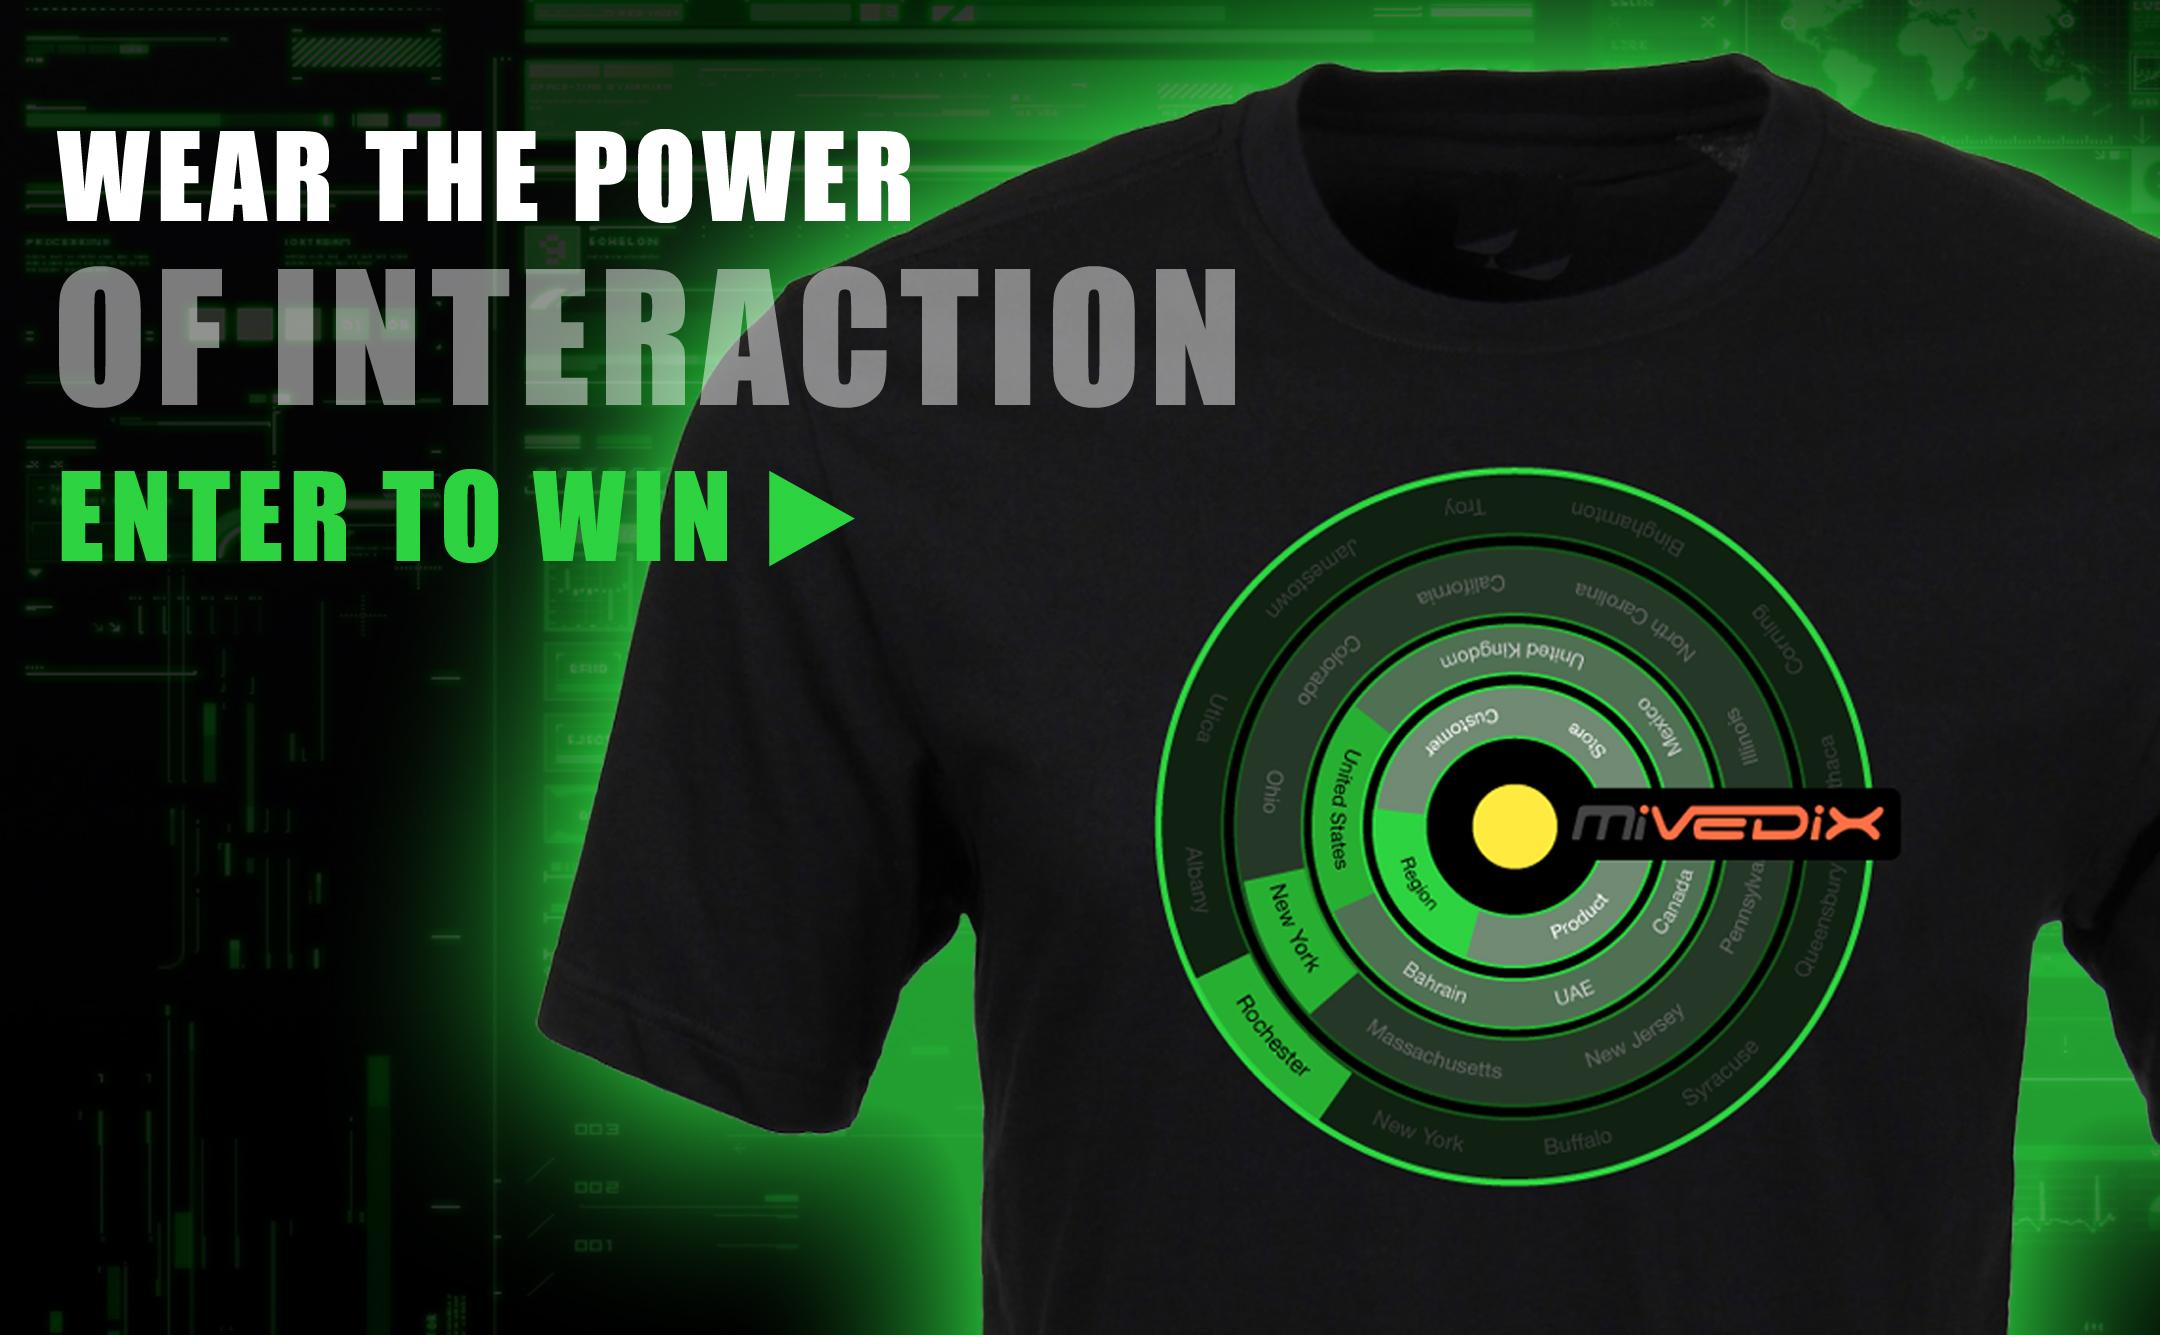 Enter to Win an iVEDiX T-Shirt